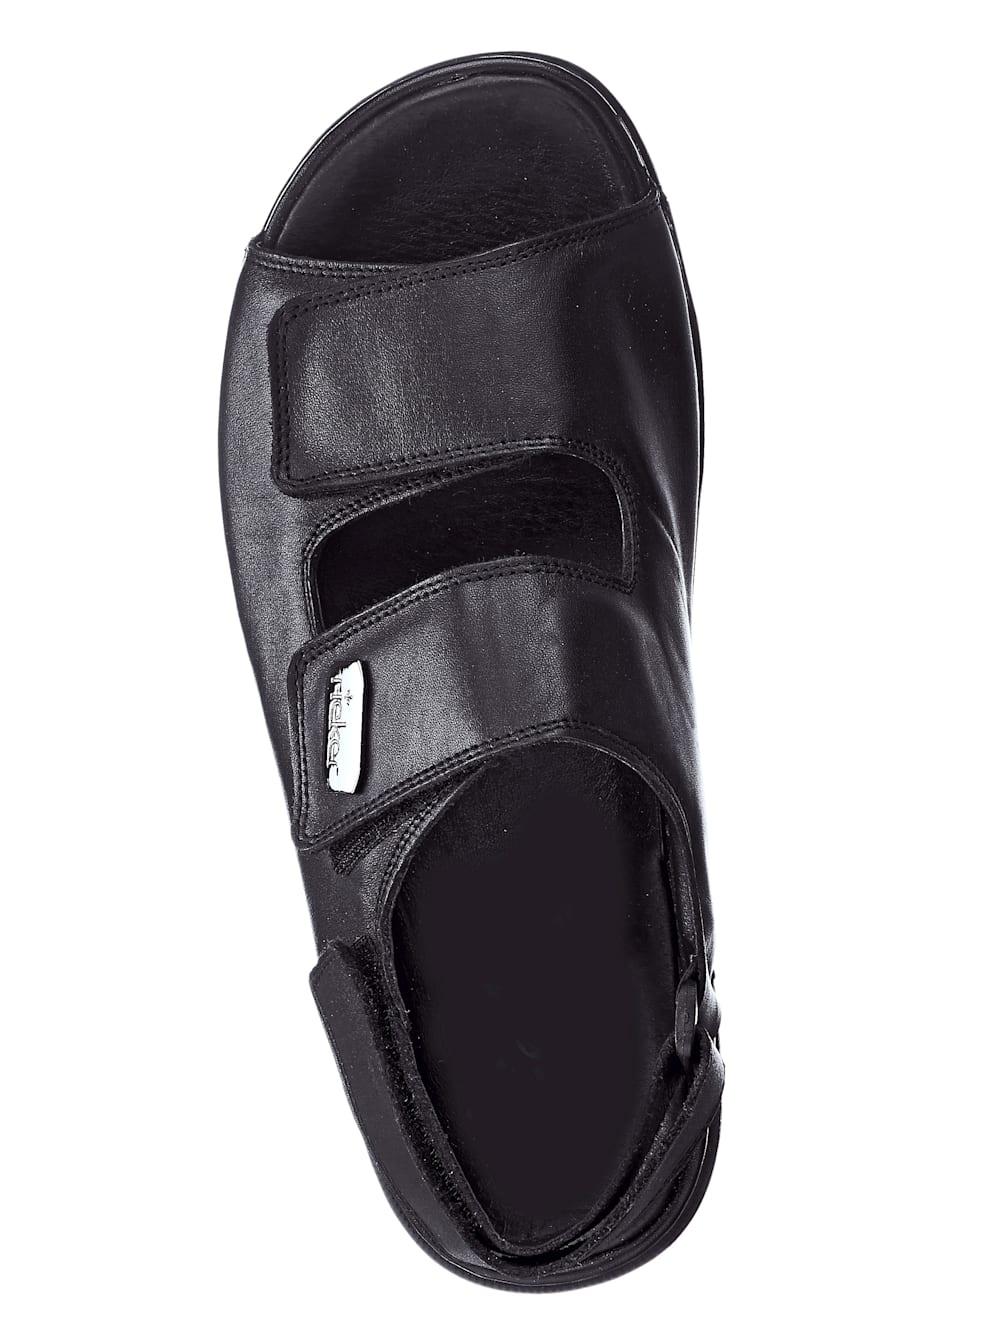 Rieker Sandale mit praktischen Klettverschlüssen | Klingel